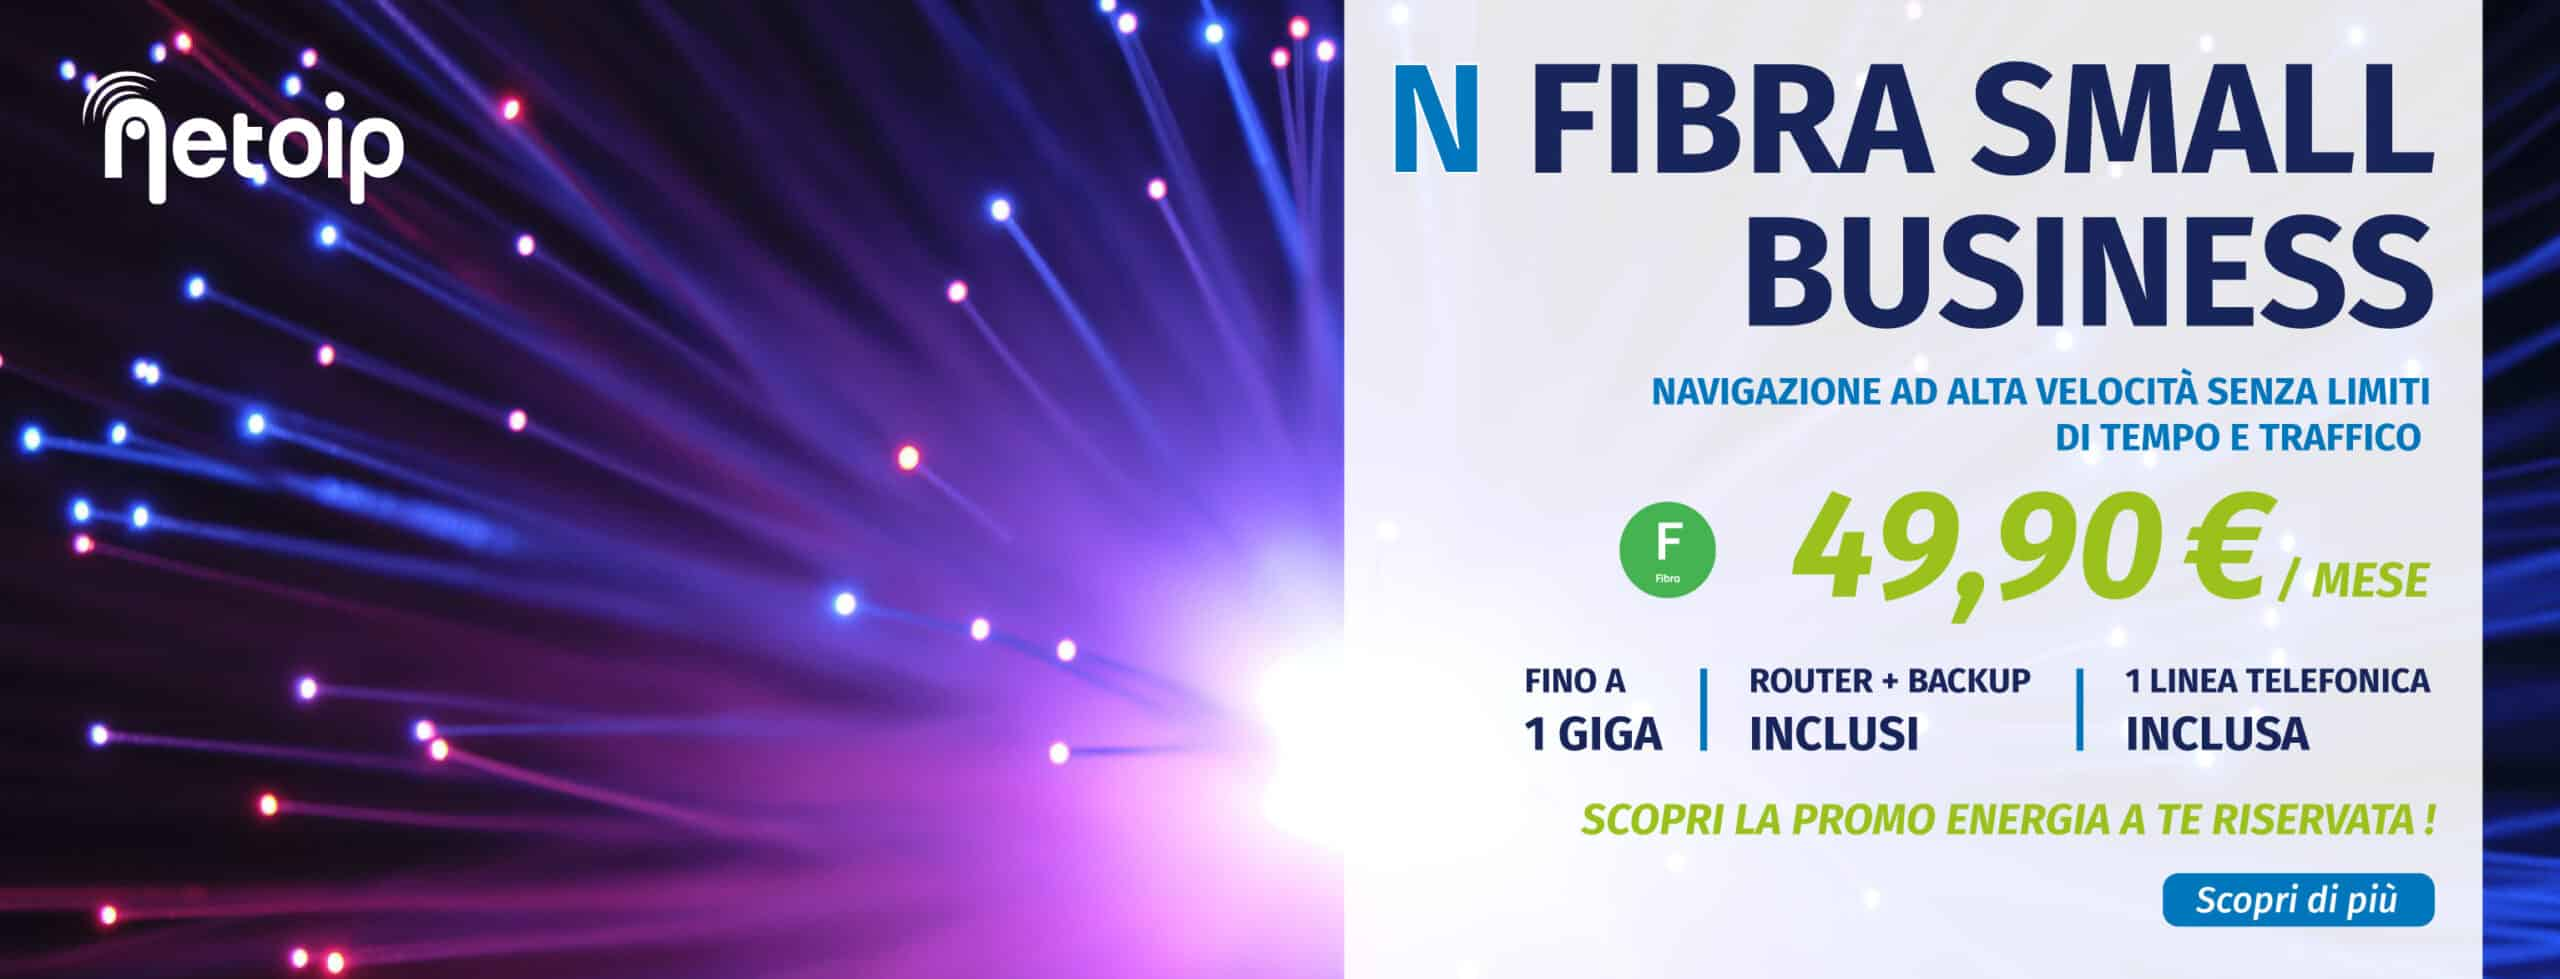 N FIBRA SMALL BUSINESS - FTTH